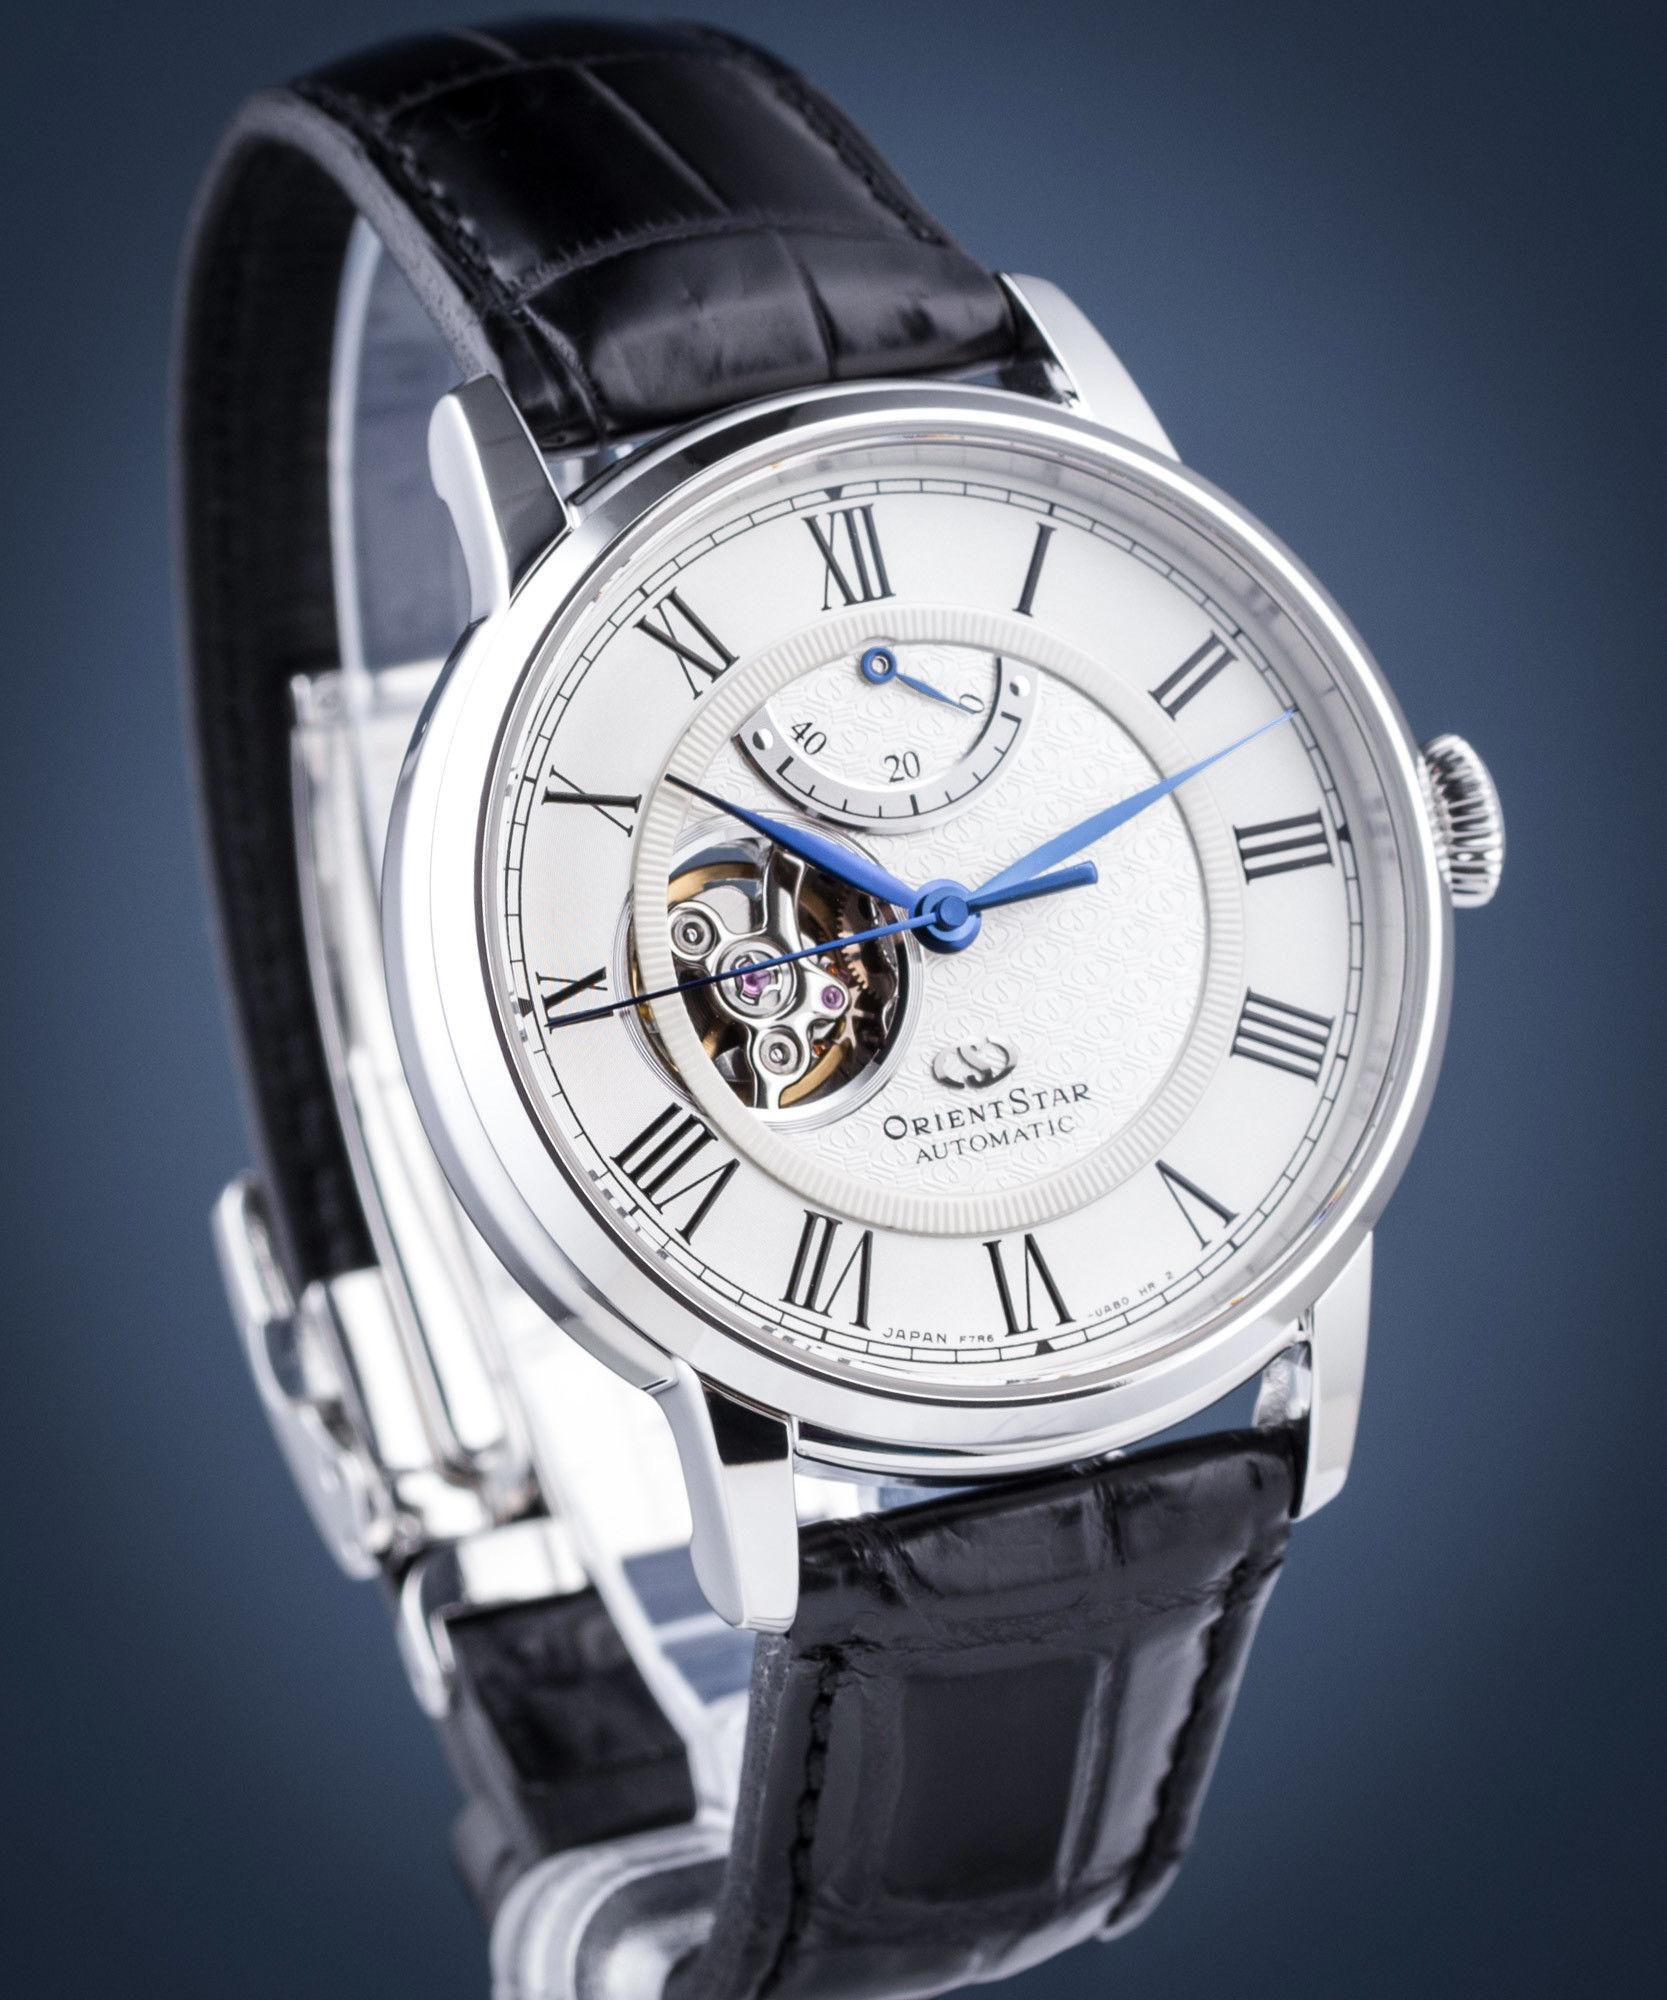 Zegarek Orient Star RE-HH0001S00B Classic Open Heart - CENA DO NEGOCJACJI - DOSTAWA DHL GRATIS, KUPUJ BEZ RYZYKA - 100 dni na zwrot, możliwość wygrawerowania dowolnego tekstu.